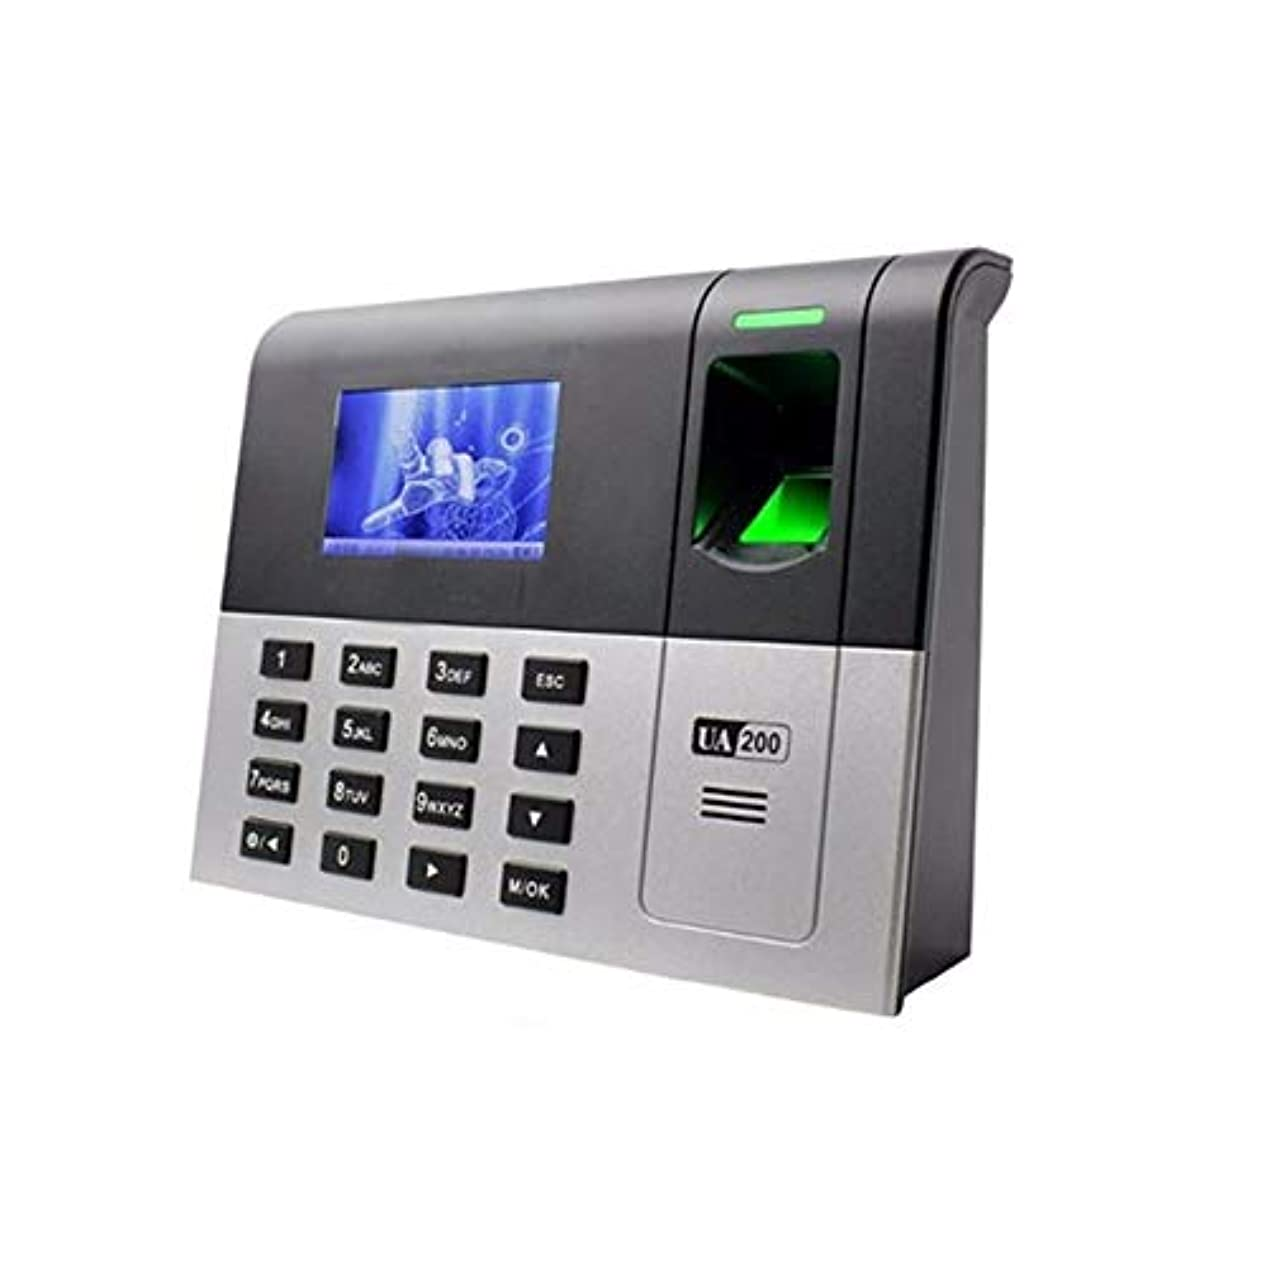 オーバーラン実験室マチュピチュ指紋認識機 MF ICカードリーダーシステムとクロックシステムバイオメトリック指紋出席TCP/IP通信